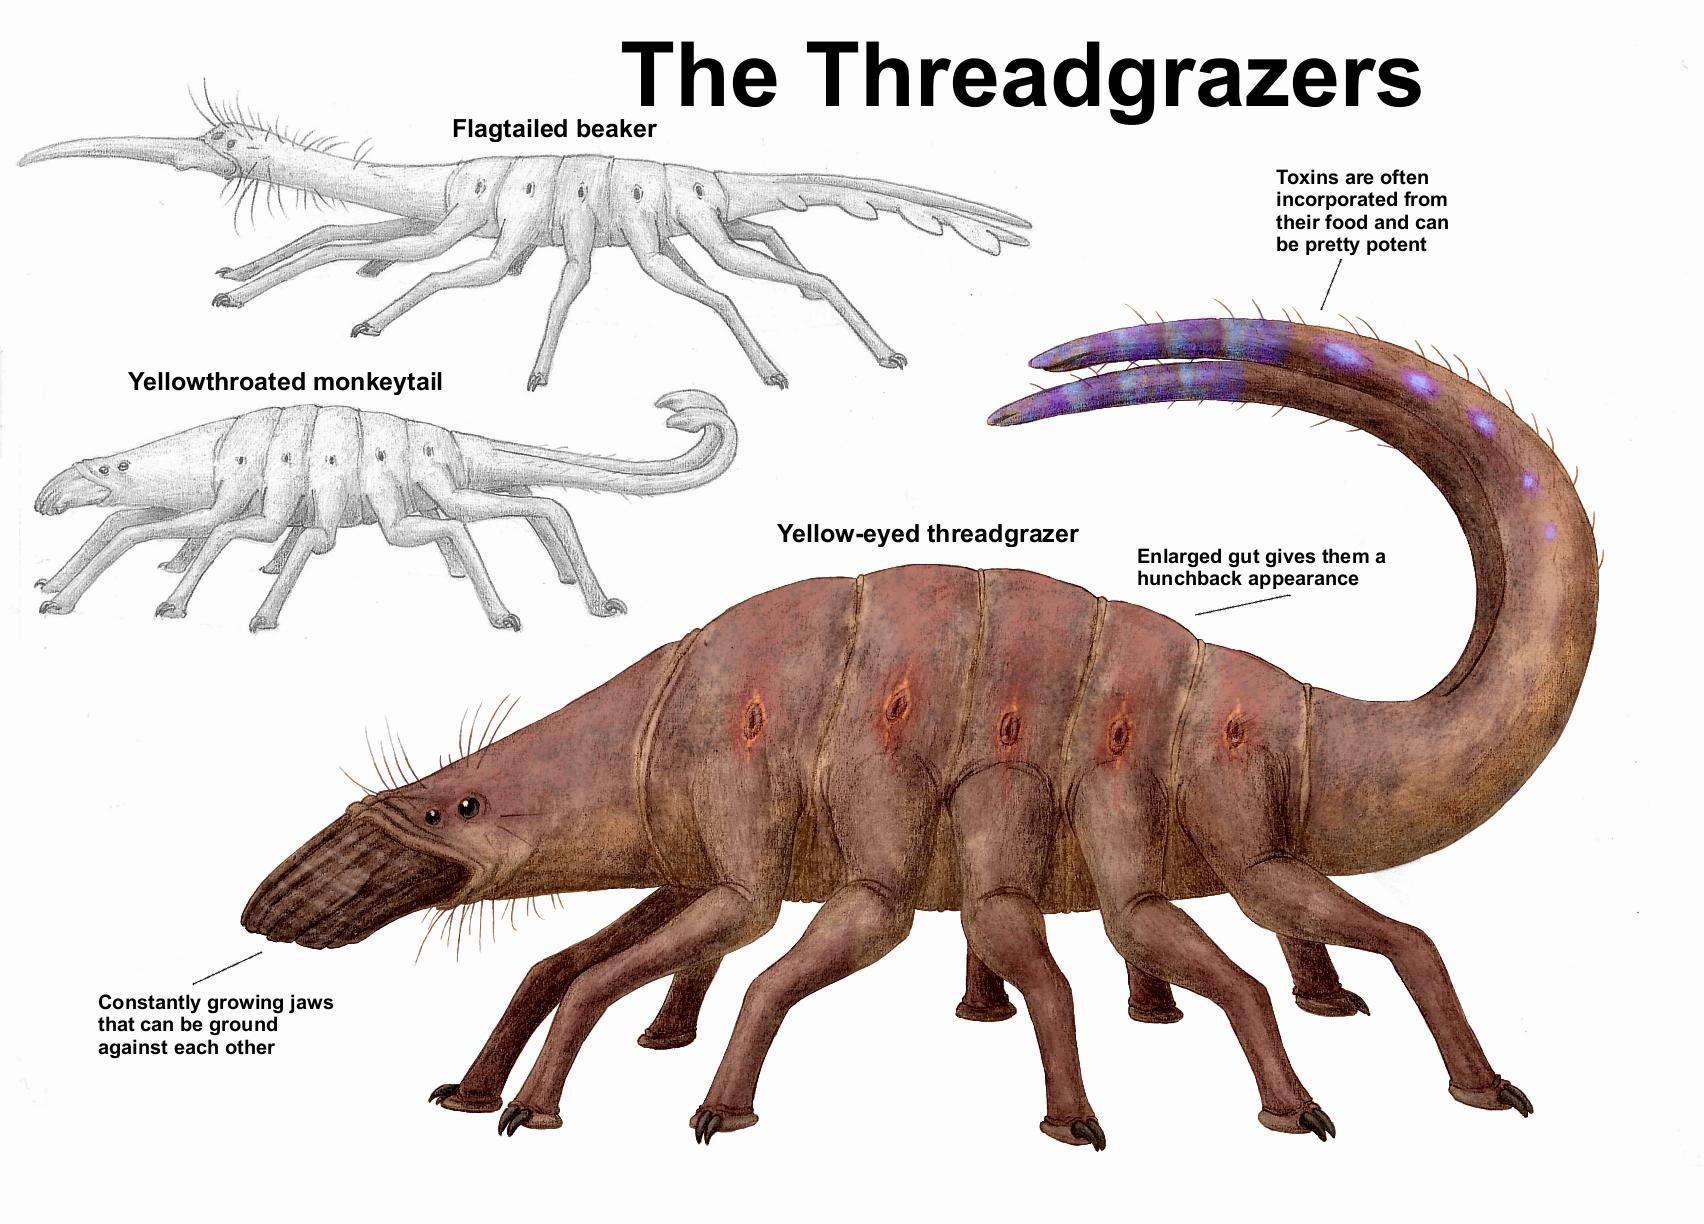 REP: The Threadgrazers